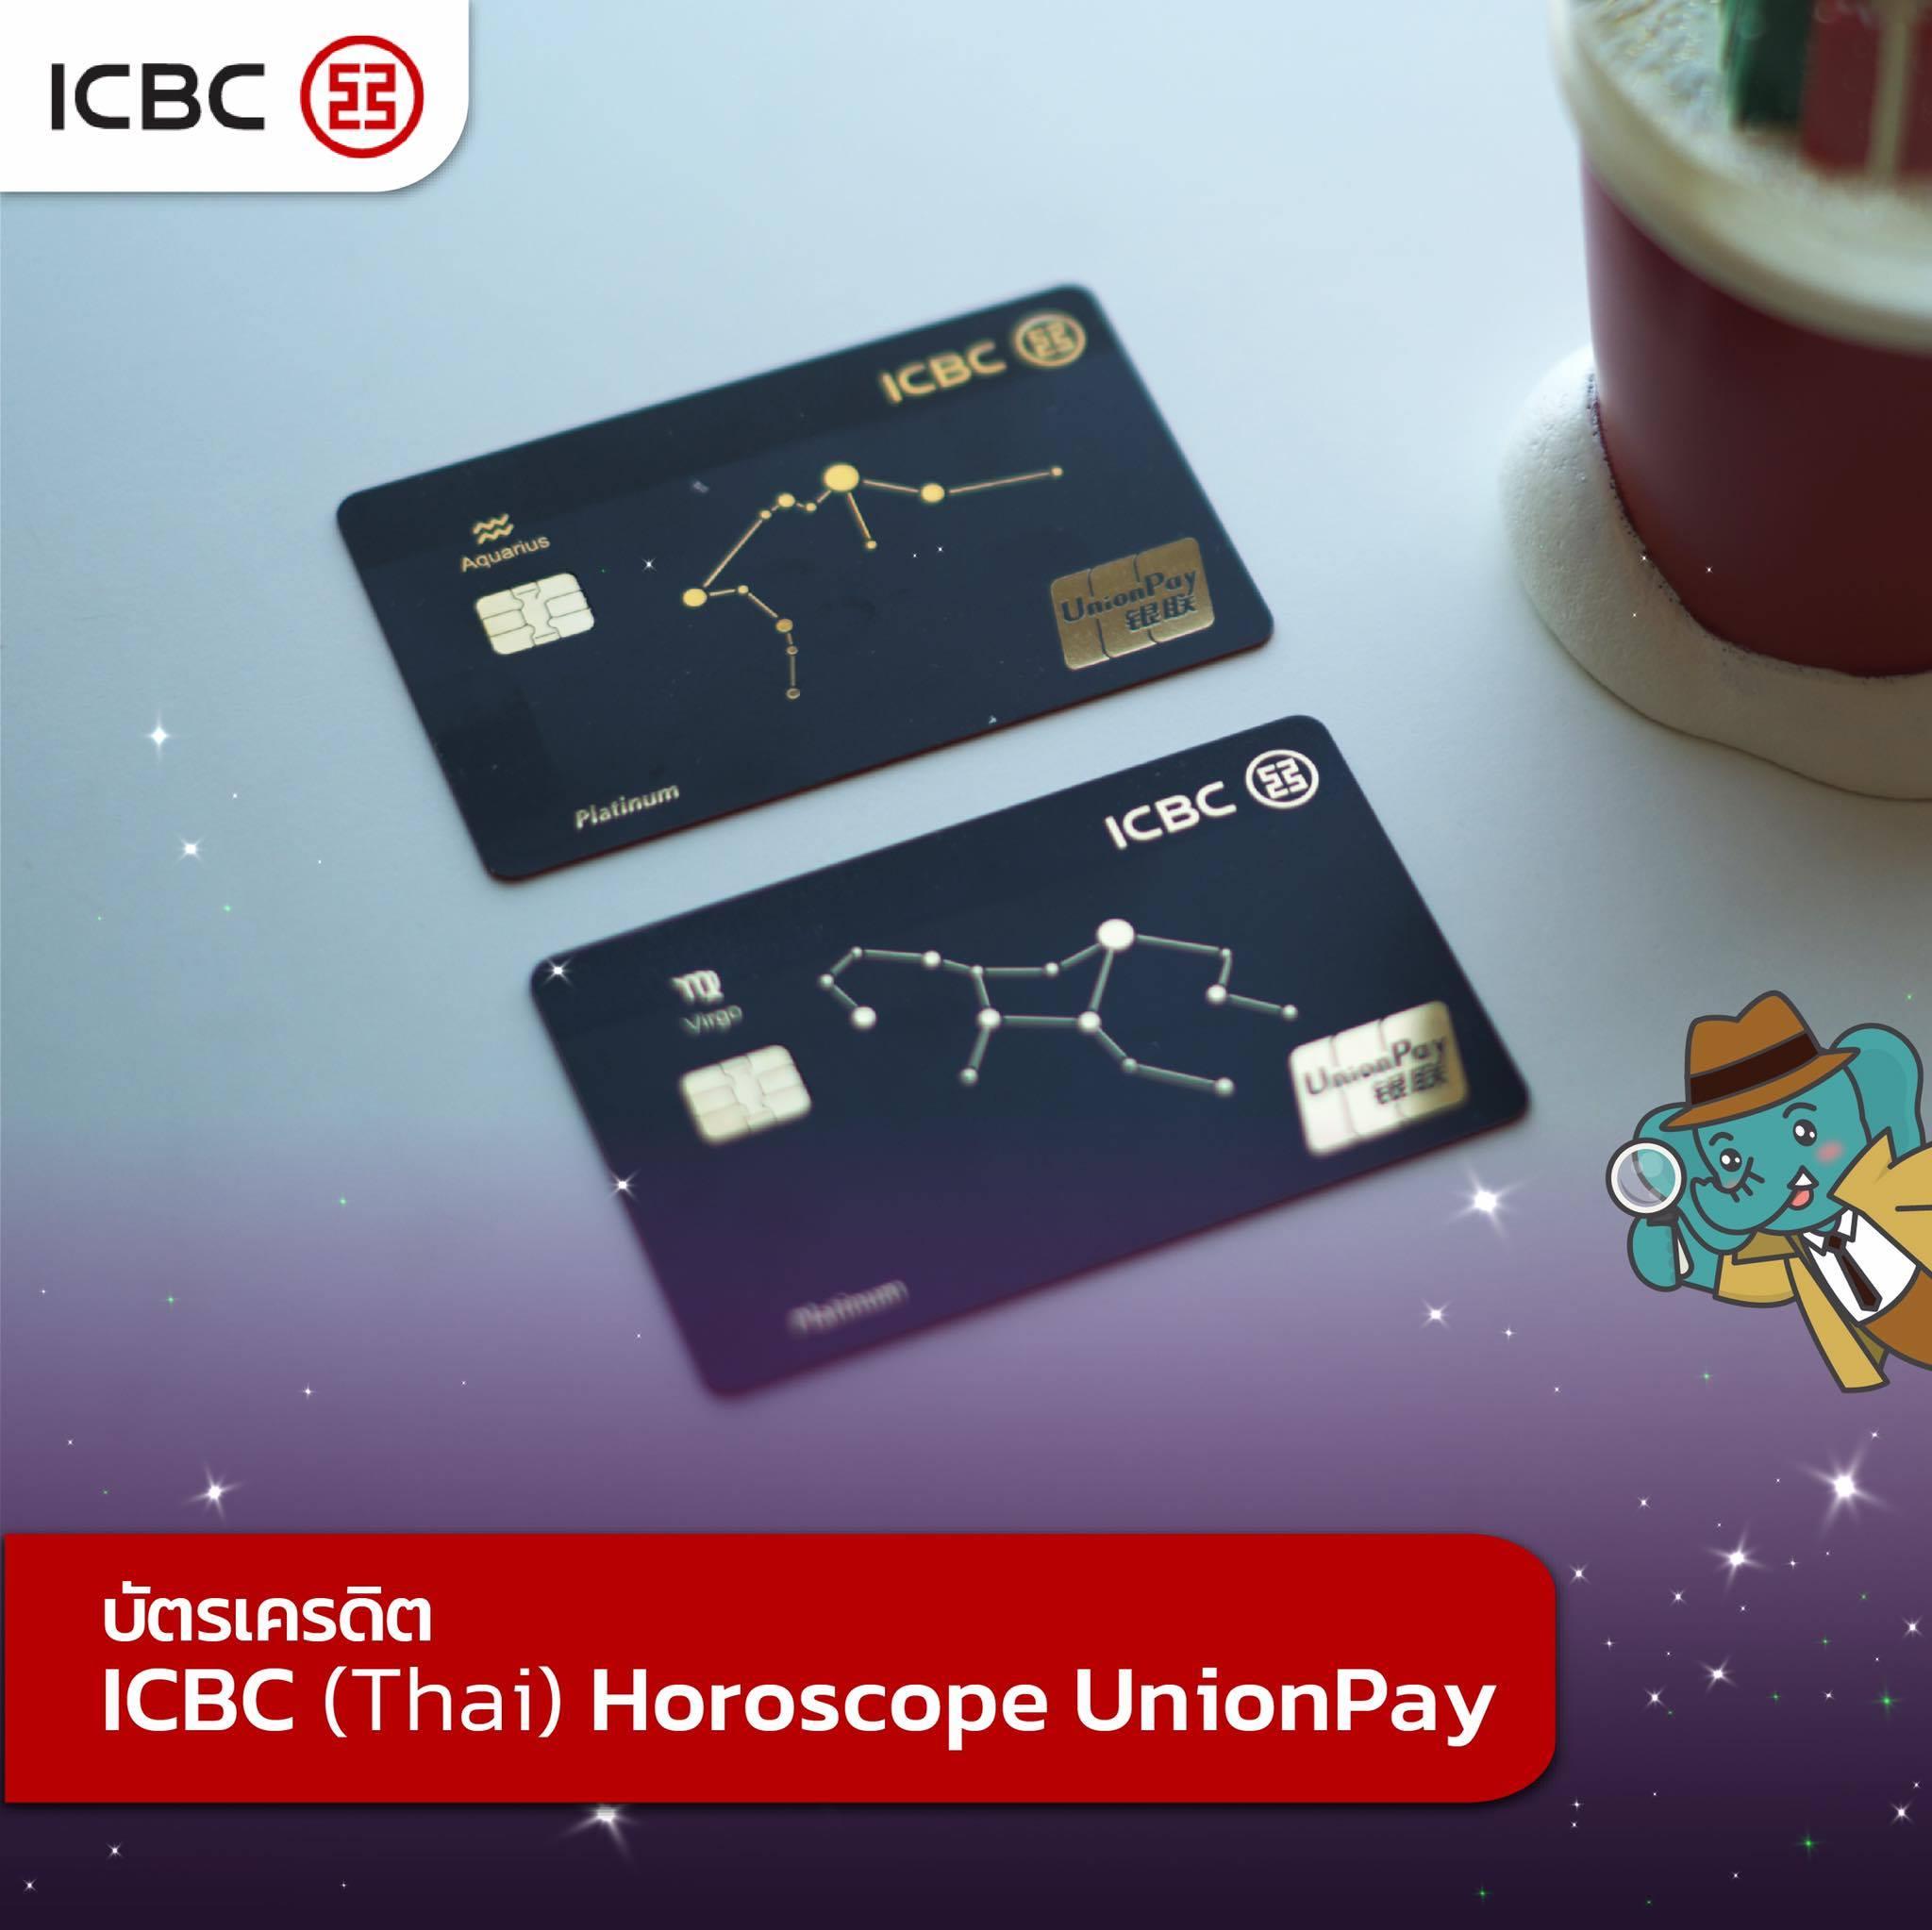 icbc-horoscope-card